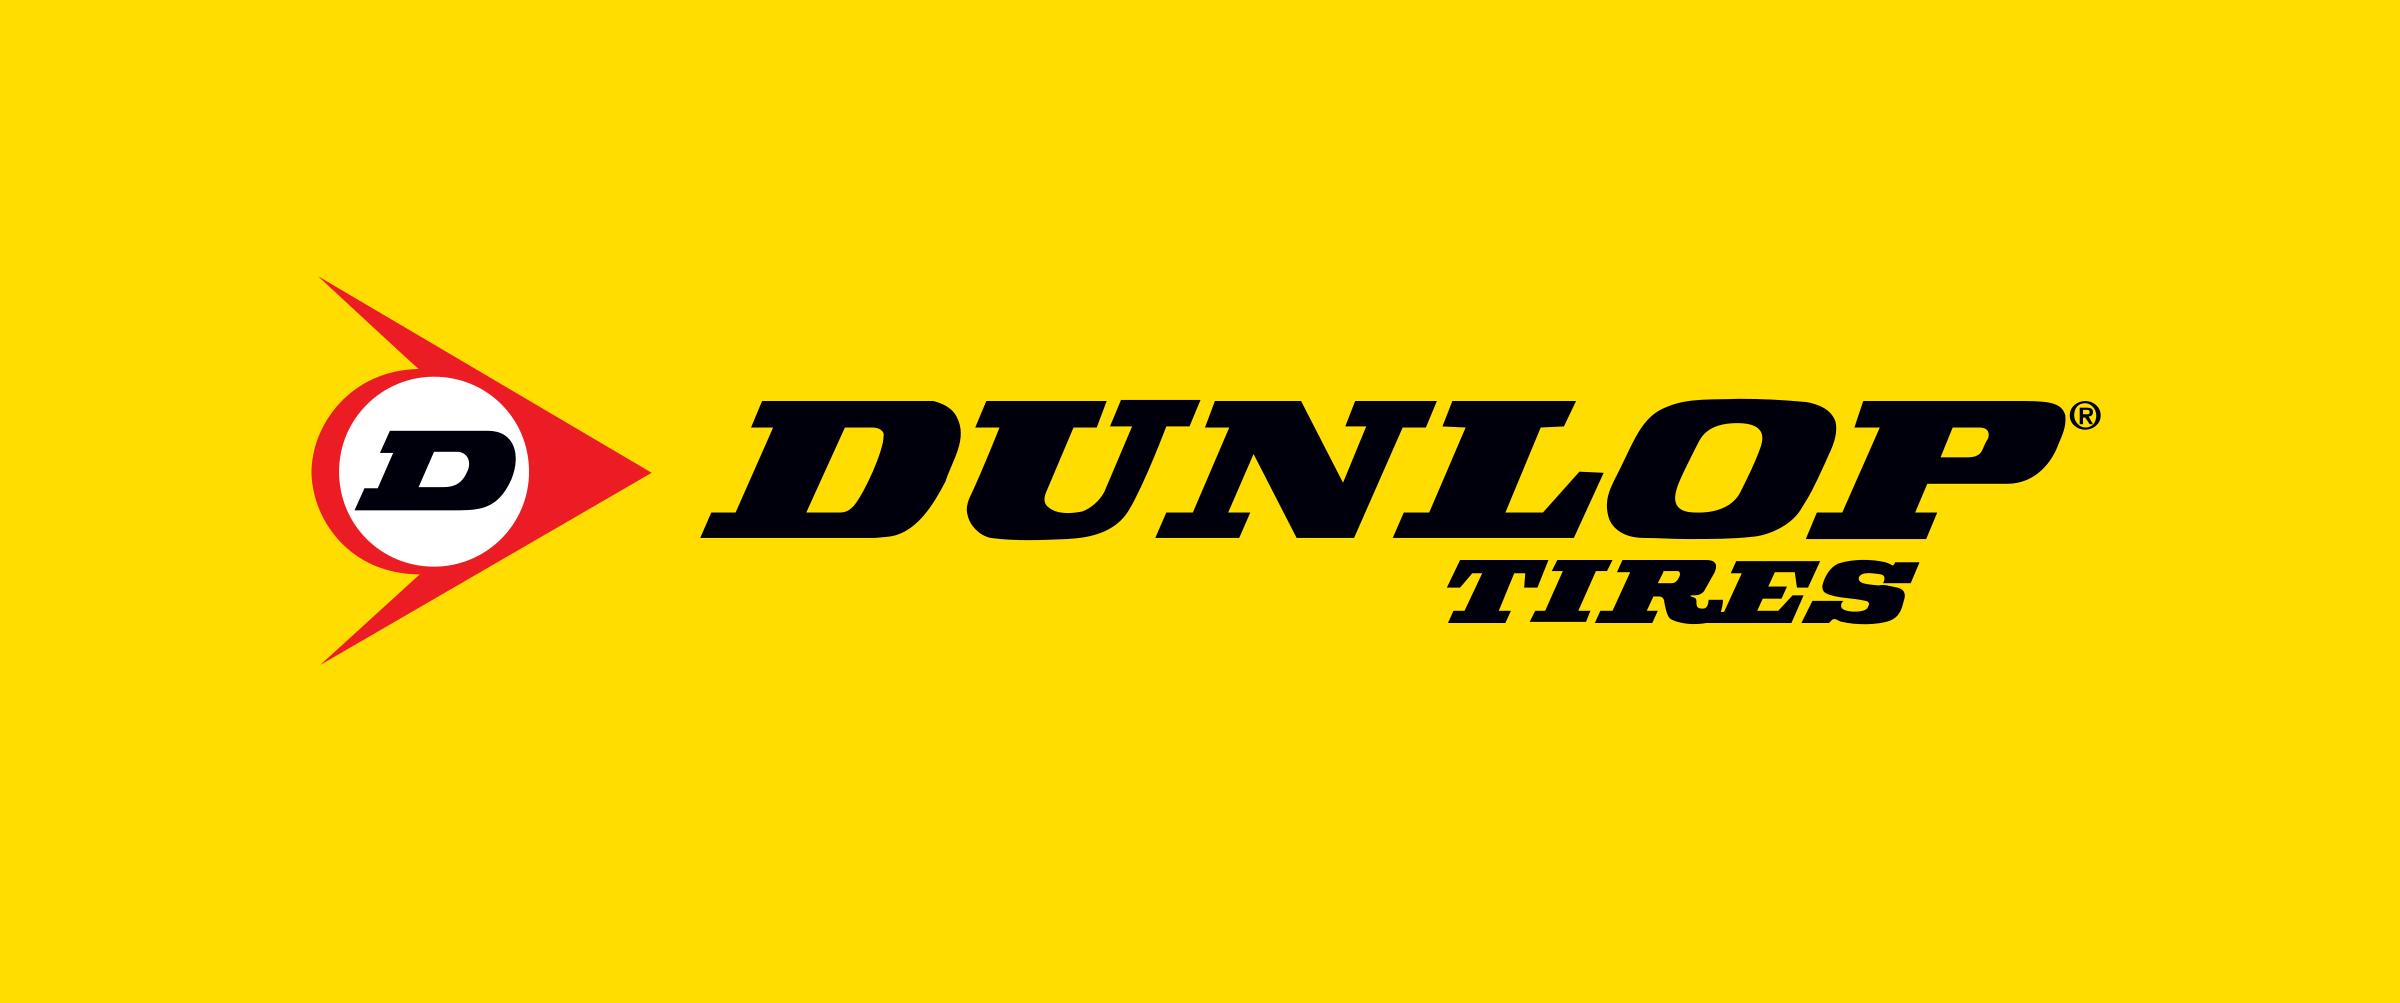 Dunlop Tires Logo PNG Transparent & SVG Vector.